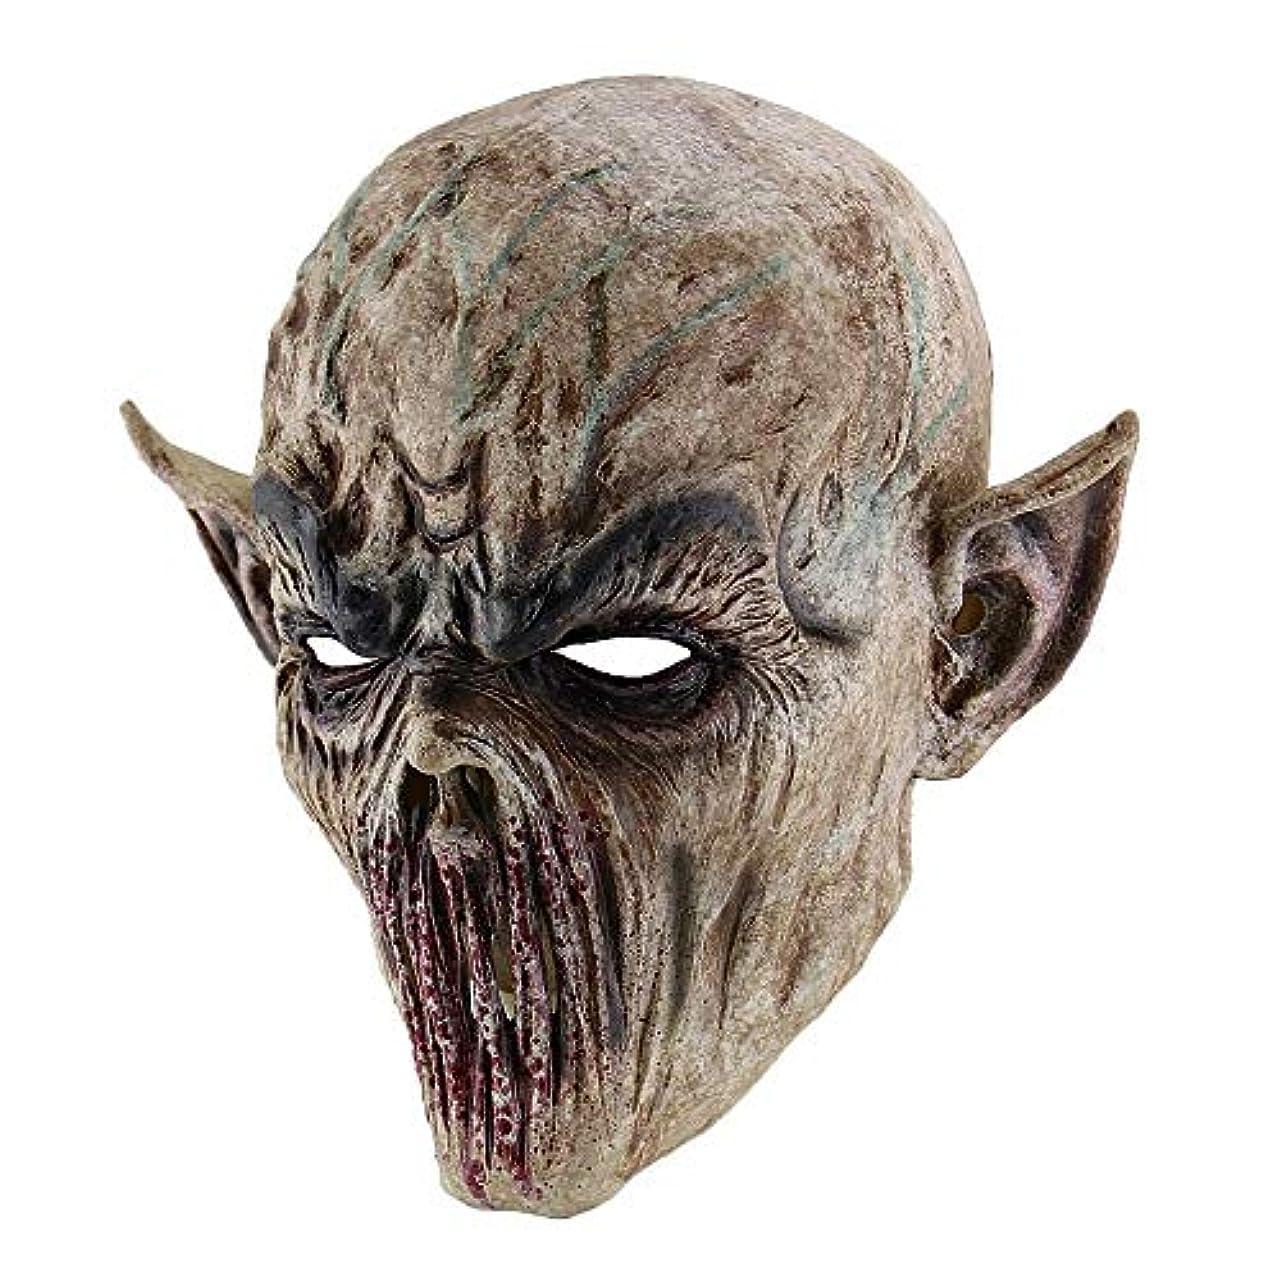 サラミ漏斗凝縮する不気味な怖いハロウィーン不気味なラテックスマスク、大人のパーティーコスプレ衣装、仮装衣装,Zombie